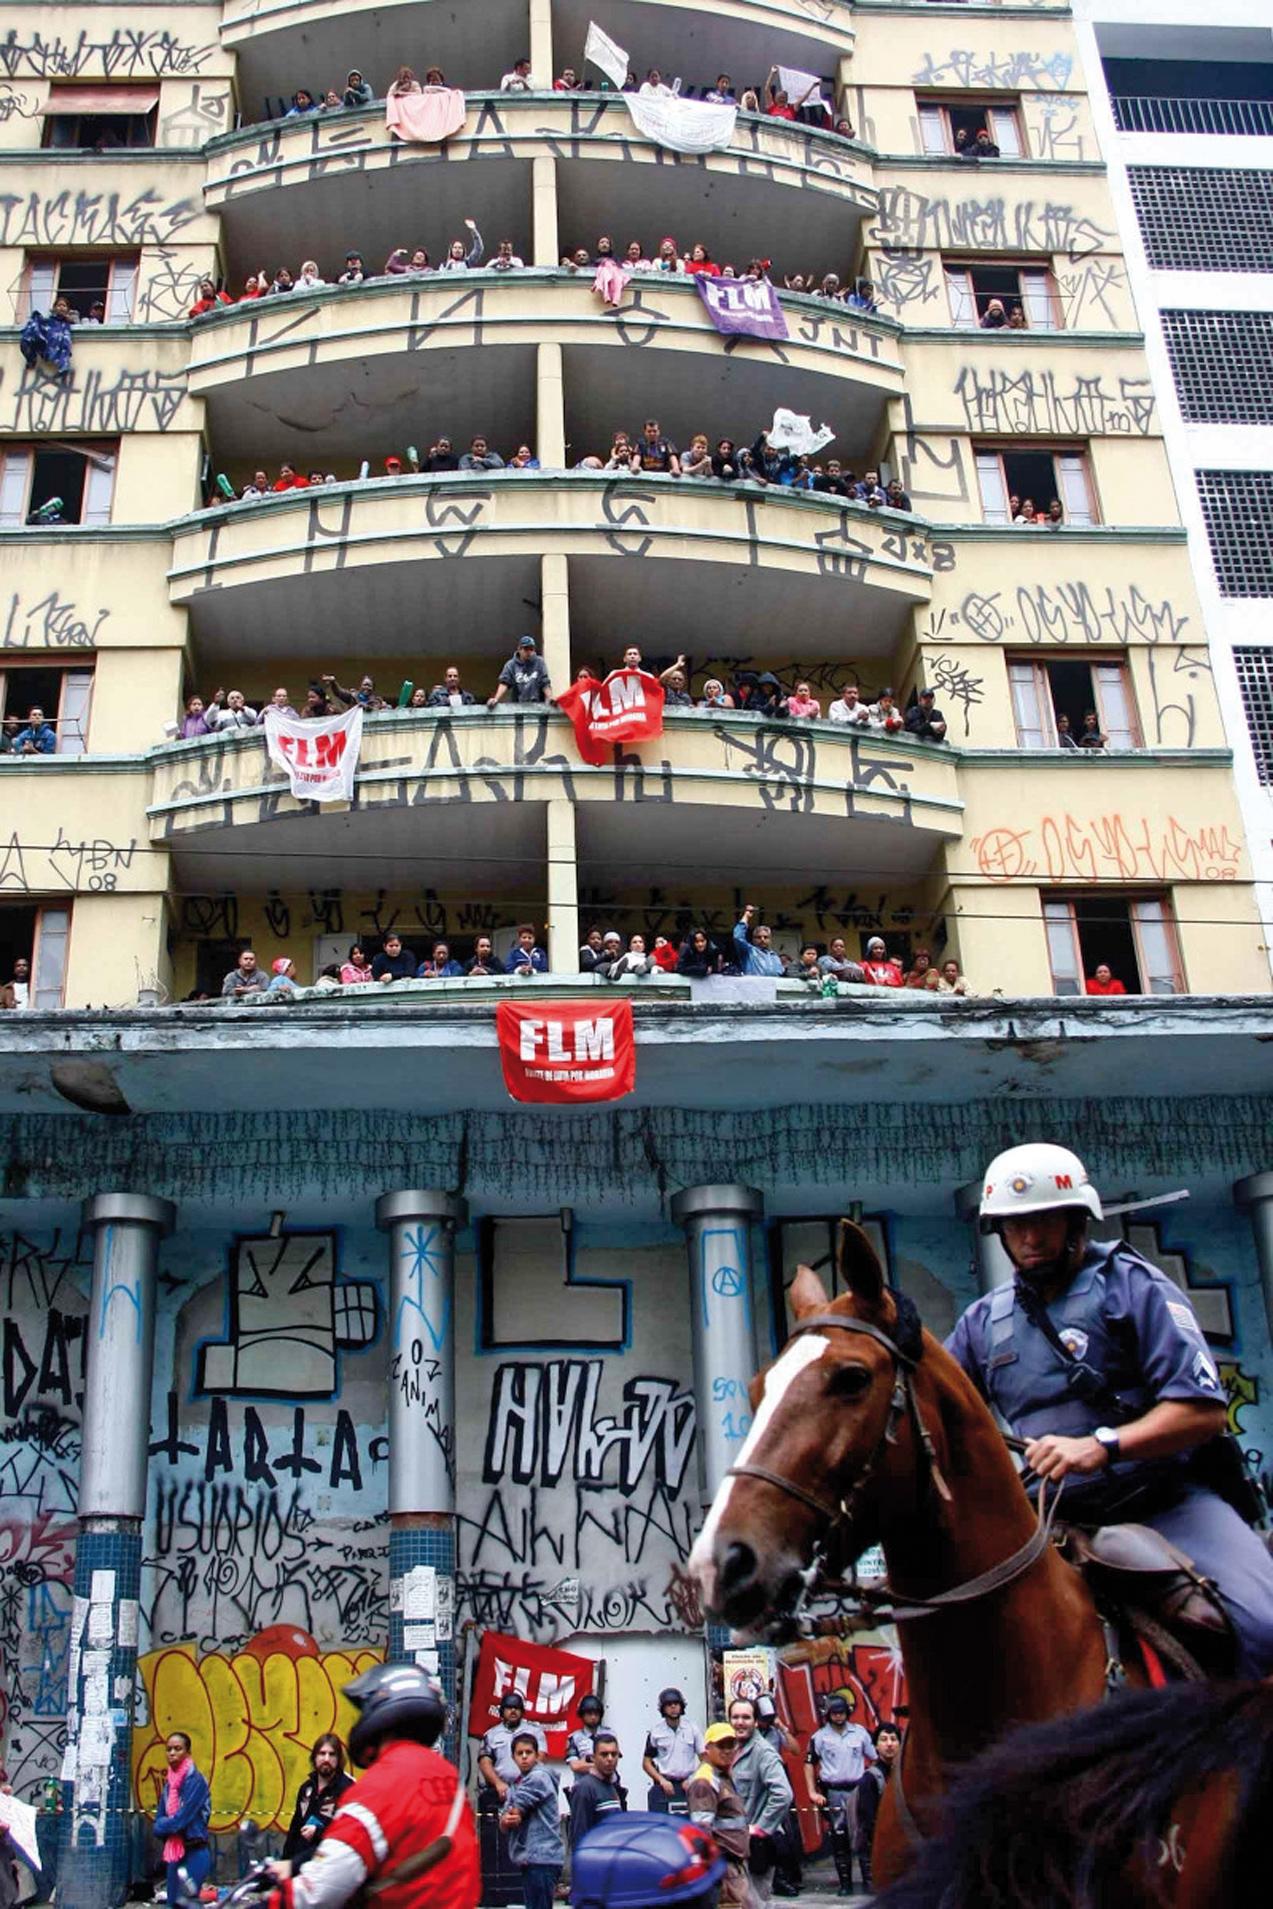 Behinola Cambridge hotela zen eraikina okupatu zuten etxerik gabeko 700 lagunek Sao Paulon, FLM mugimenduak antolatuta.